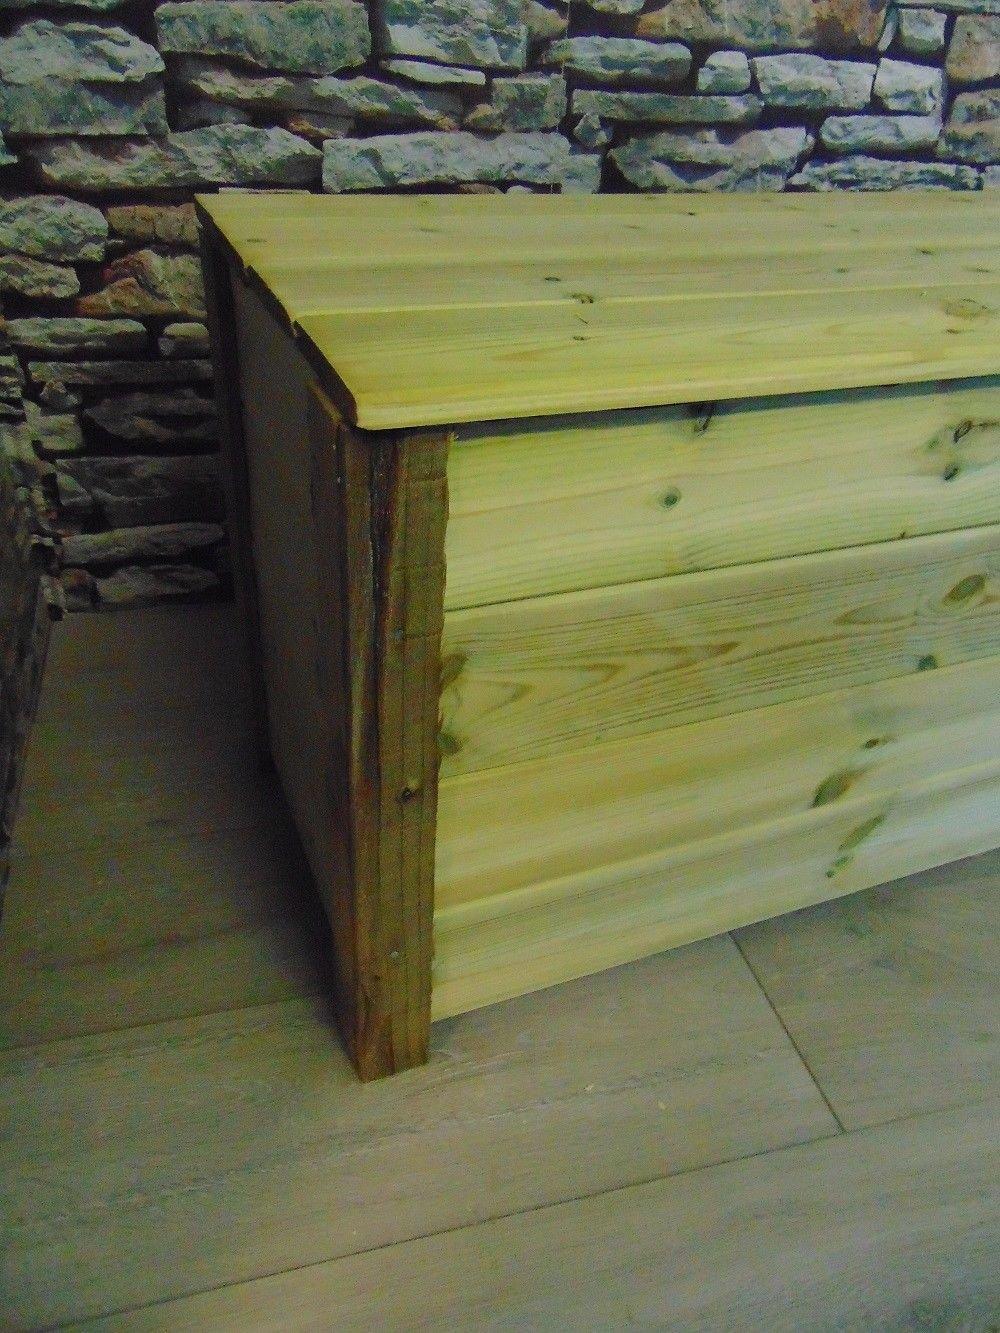 Smileswoodcraft Wooden Garden Storage Bench (120cm (L) x 50cm (H) x 40cm (W))